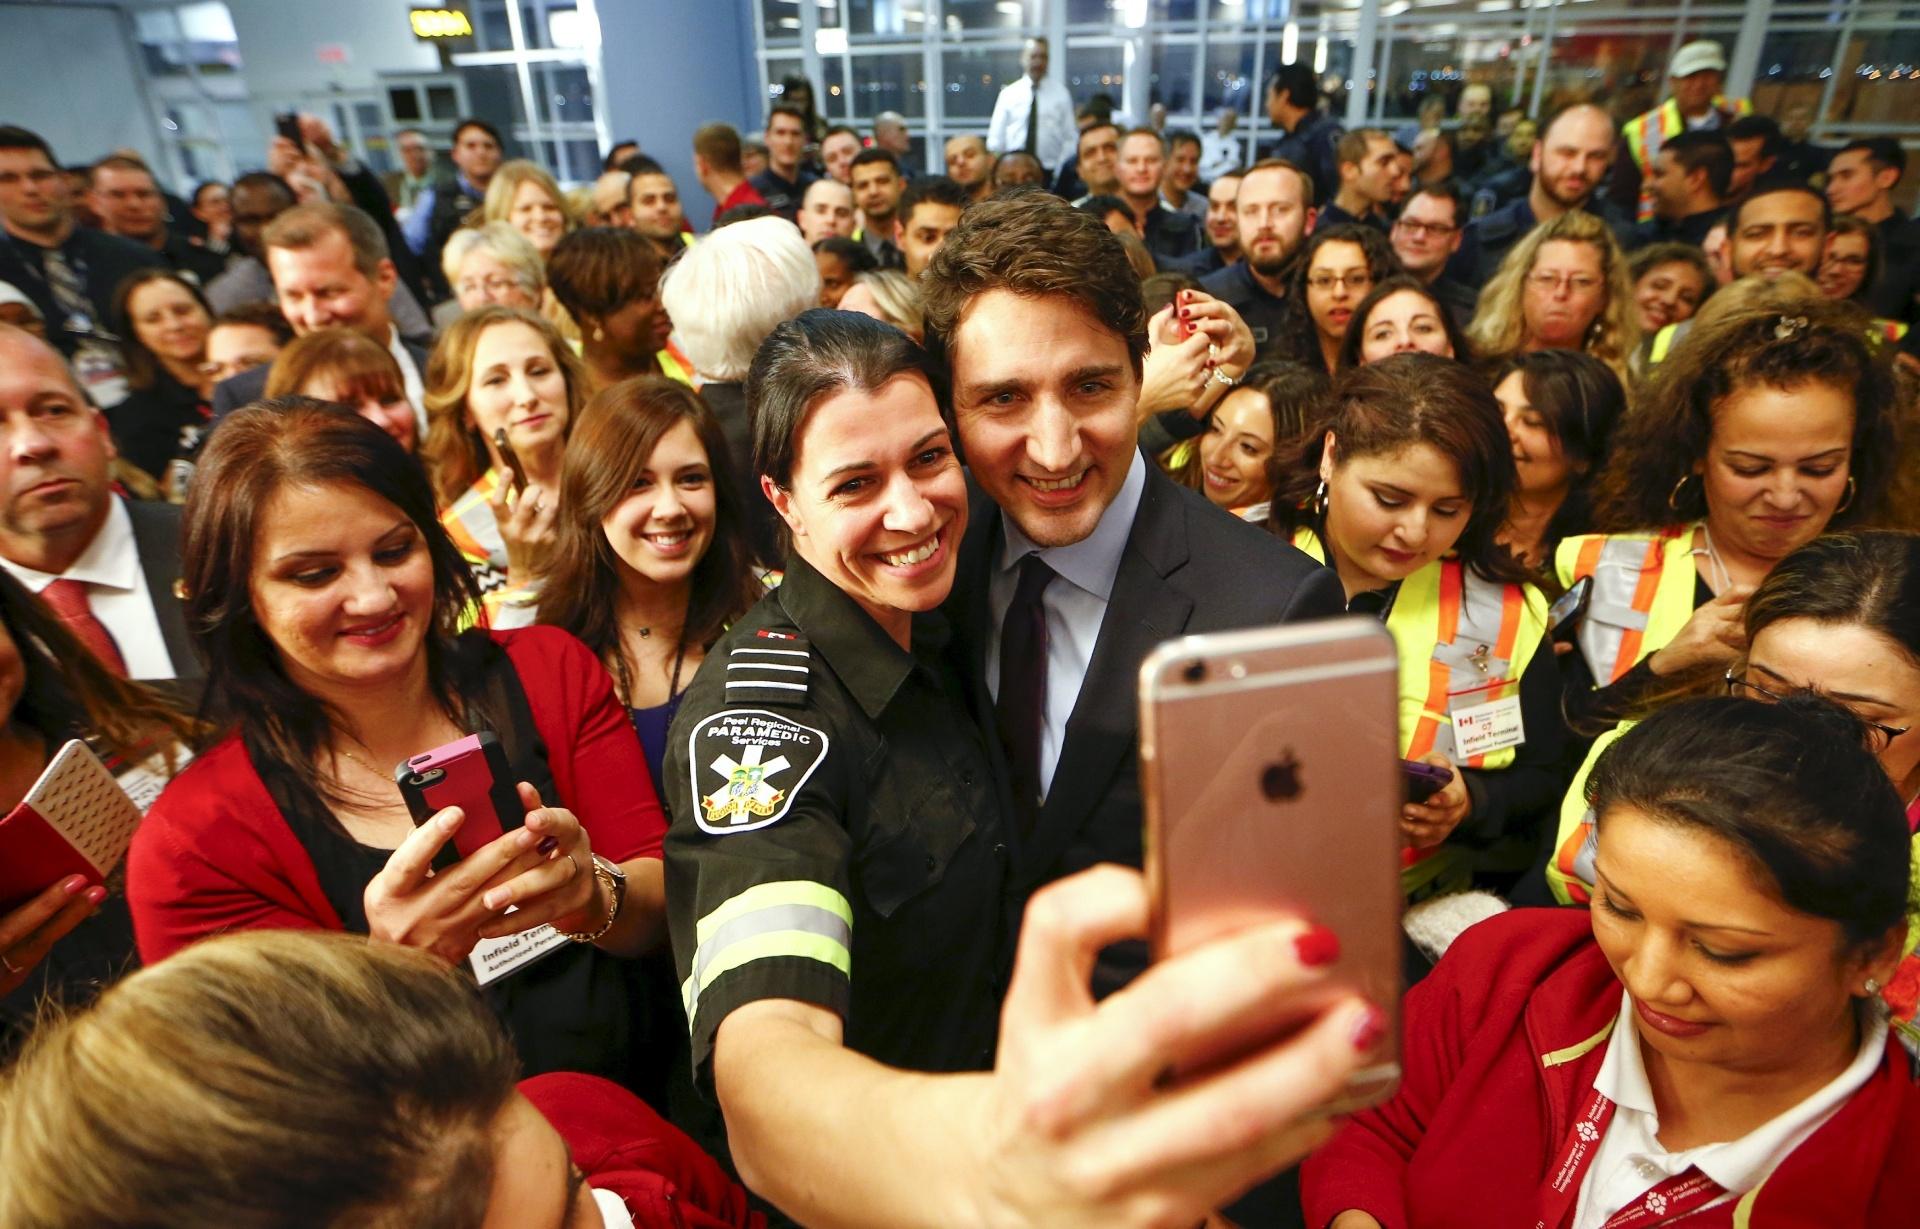 11.dez.2015 - O primeiro-ministro do Canadá, Justin Trudeau, posa para fotos com funcionários do Toronto Pearson International Airport, na região metropolitana de Toronto, em Ontário, enquanto espera pela chegada de refugiados sírios nesta quinta-feira (10). Depois de meses de promessas e semanas de preparação, o premiê vai receber no local o primeiro avião transportando refugiados da Síria